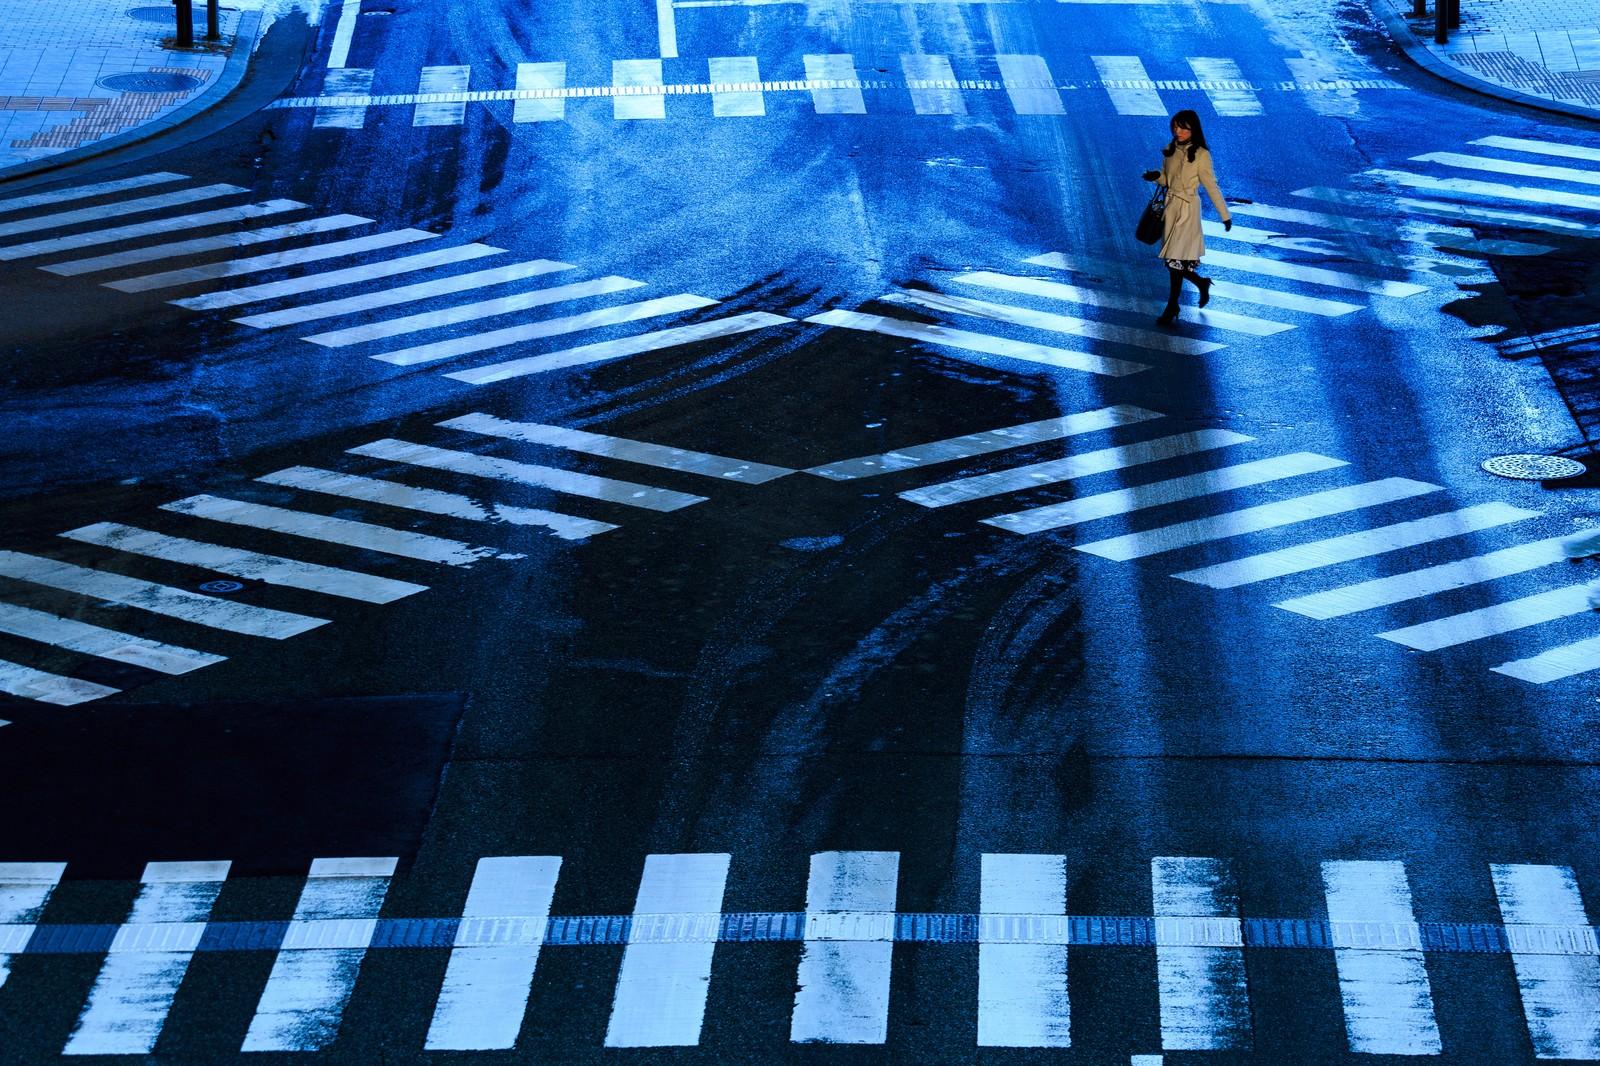 「凍結した交差点と横断する女性」の写真